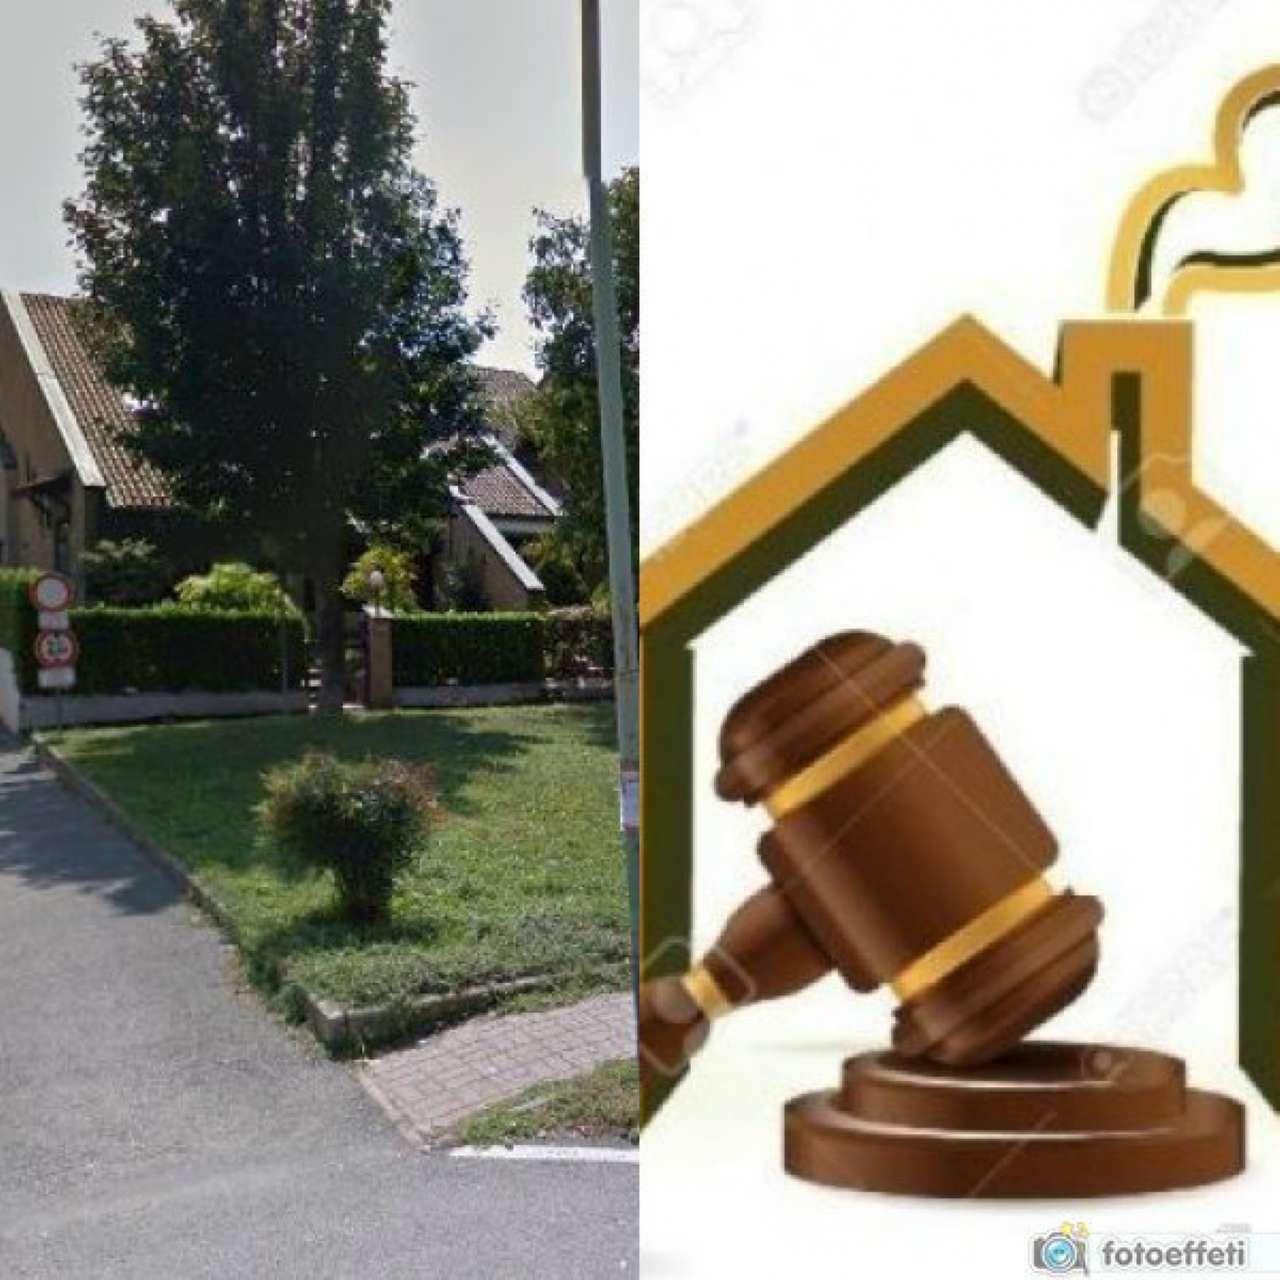 Villa in vendita a Buttigliera Alta, 5 locali, prezzo € 213.750   Cambio Casa.it